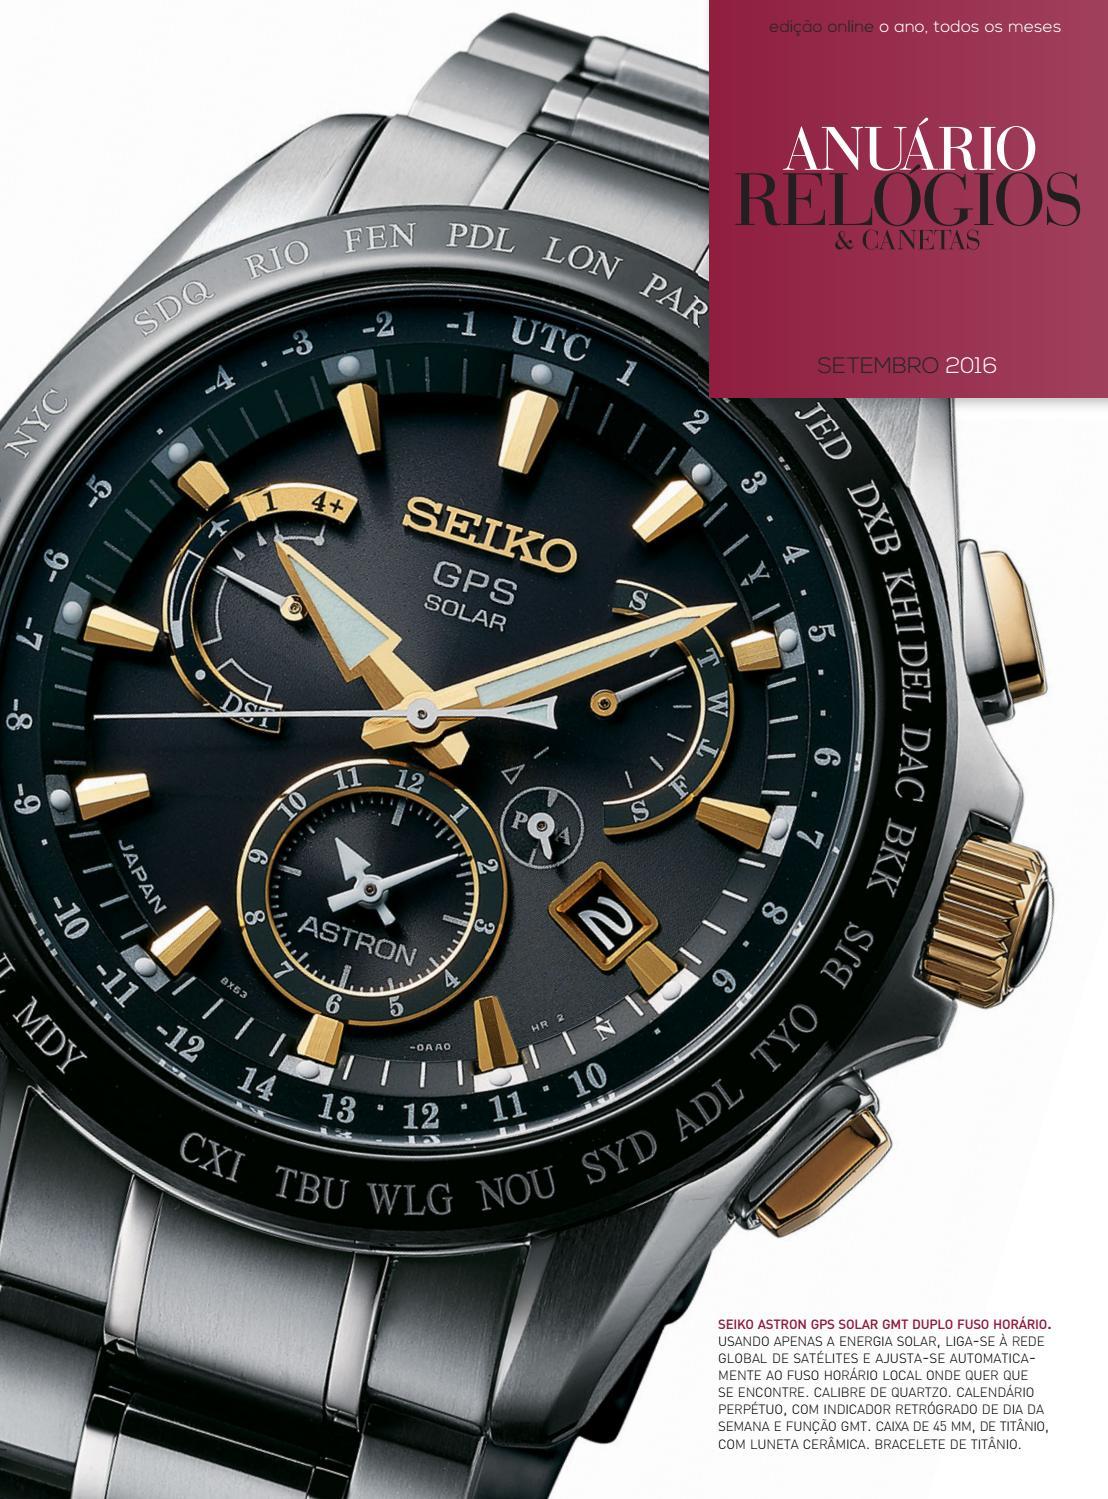 14a7ee761bd Anuário Relógios   Canetas - Setembro 2016 by Anuário Relógios   Canetas -  issuu